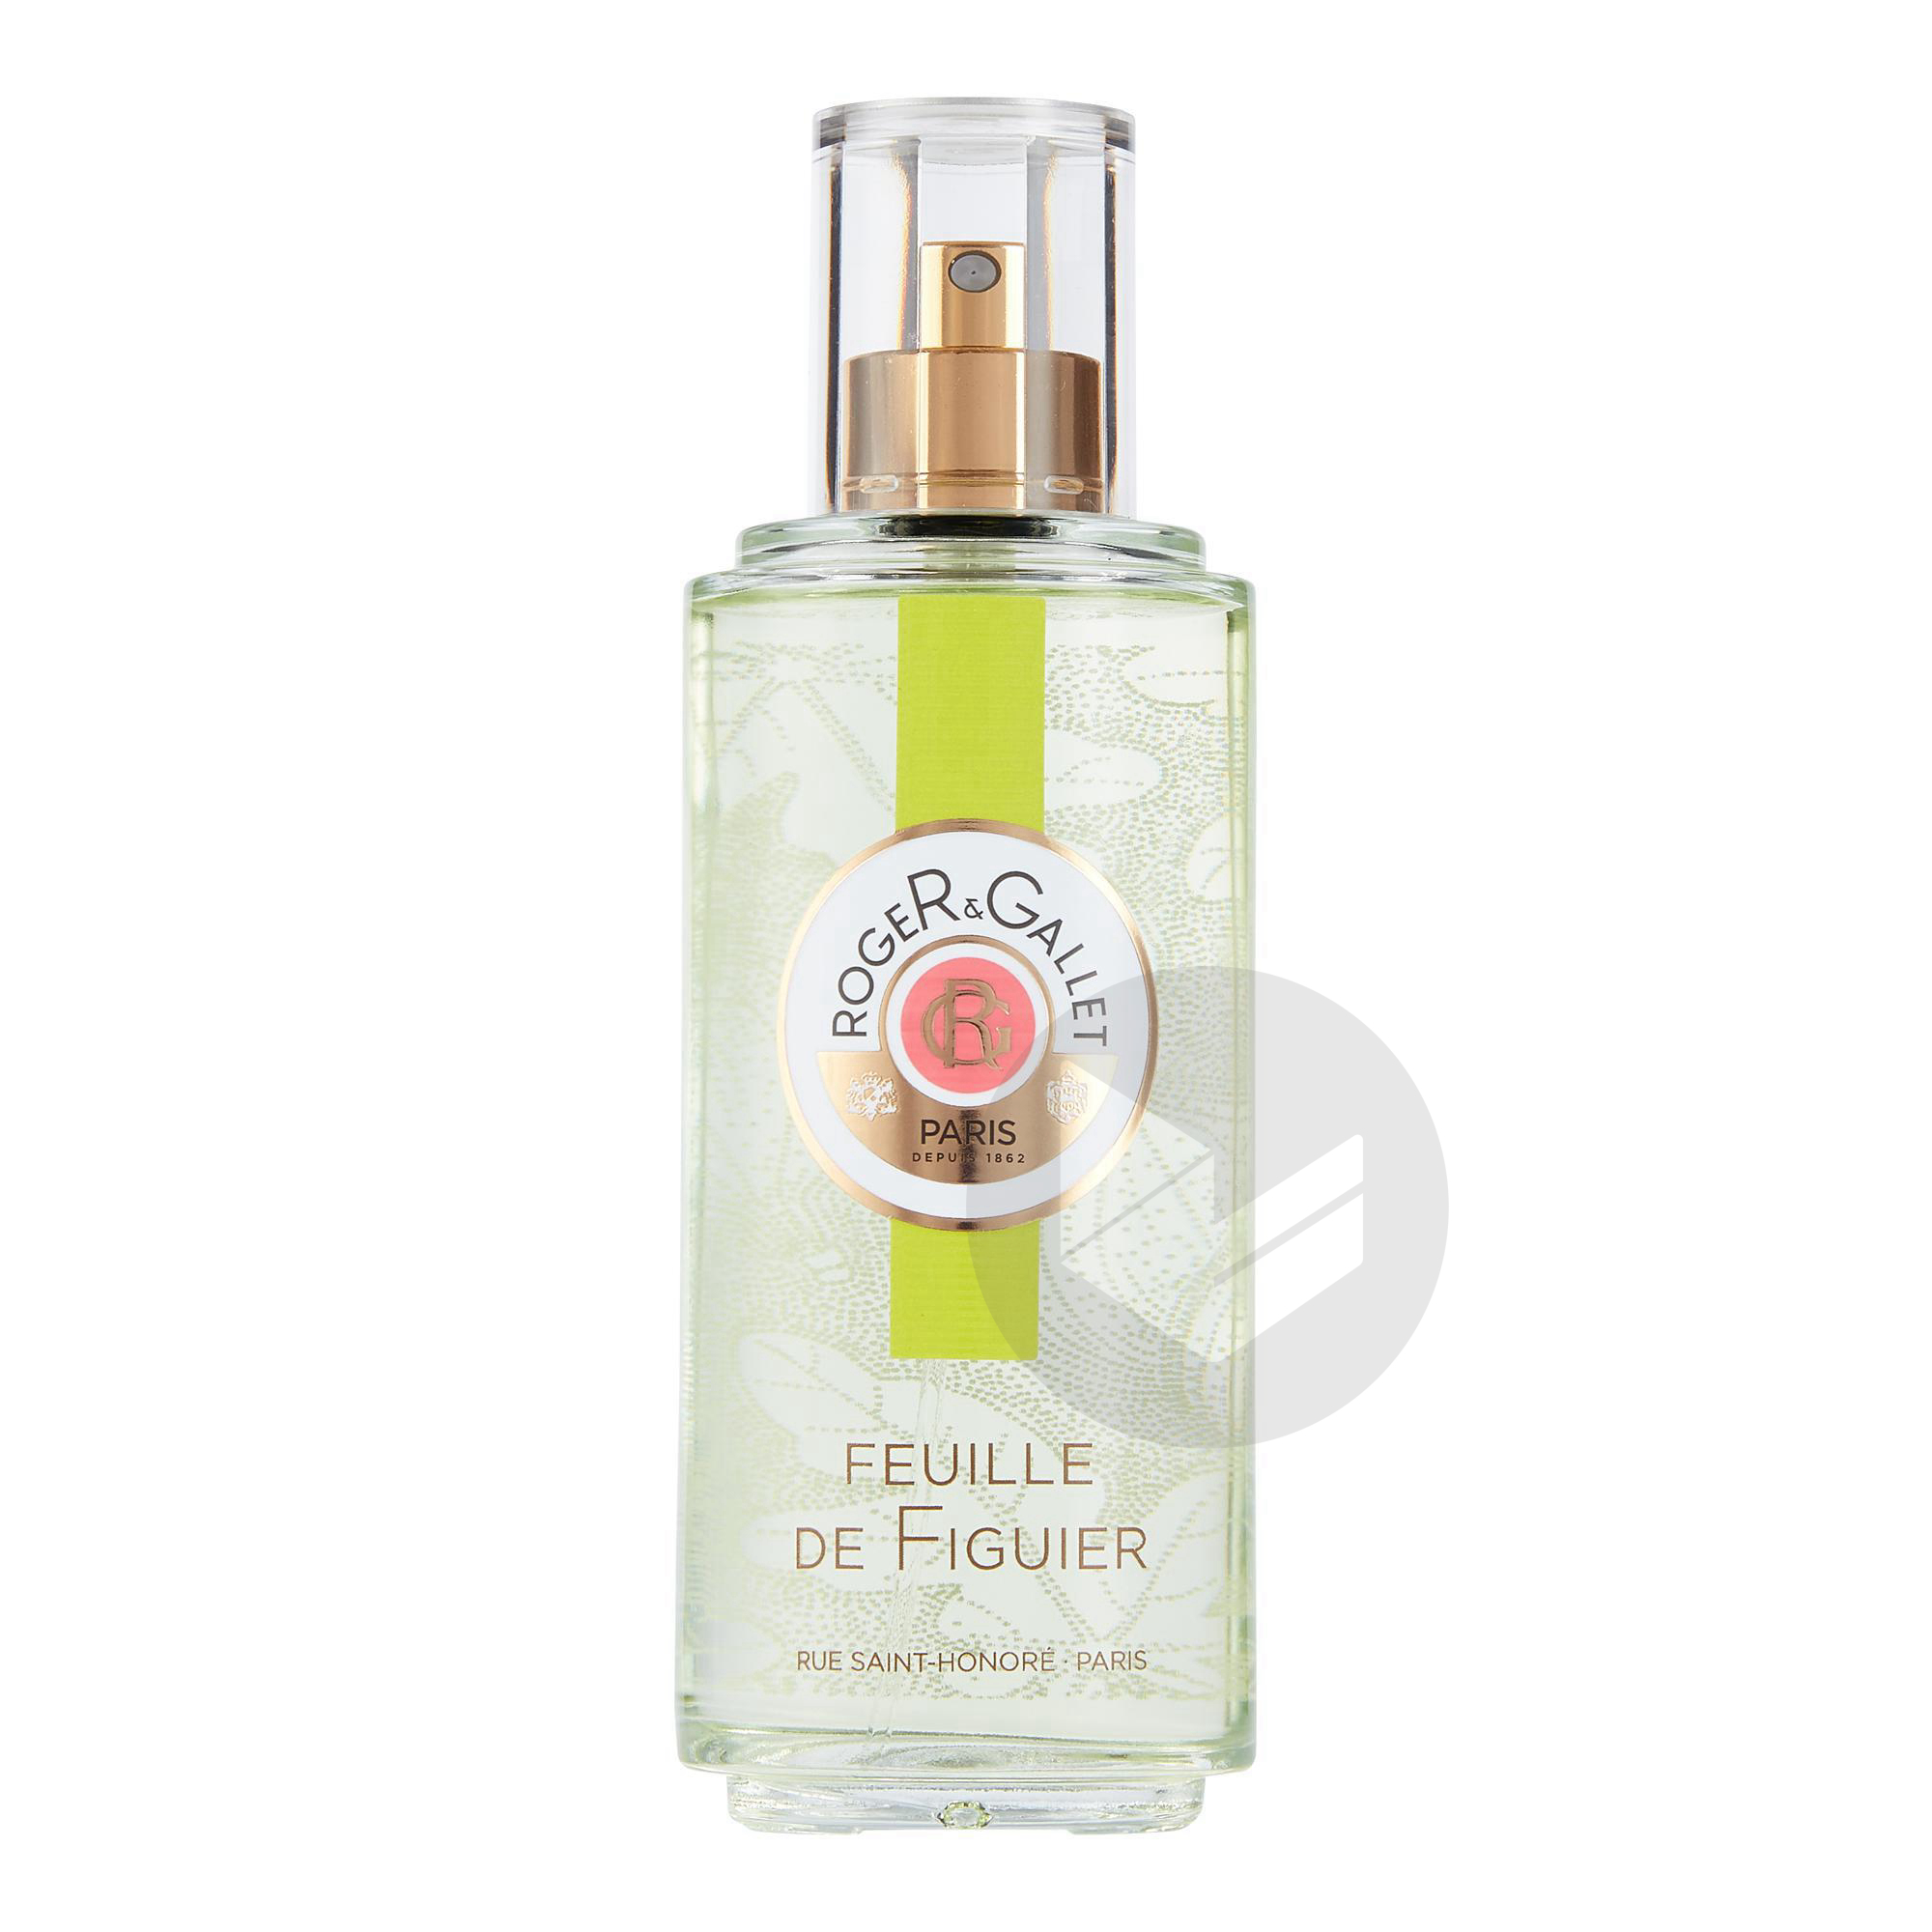 Feuille De Figuier Eau Fraiche Parfumee Bienfaisante Vaporisateur 100 Ml